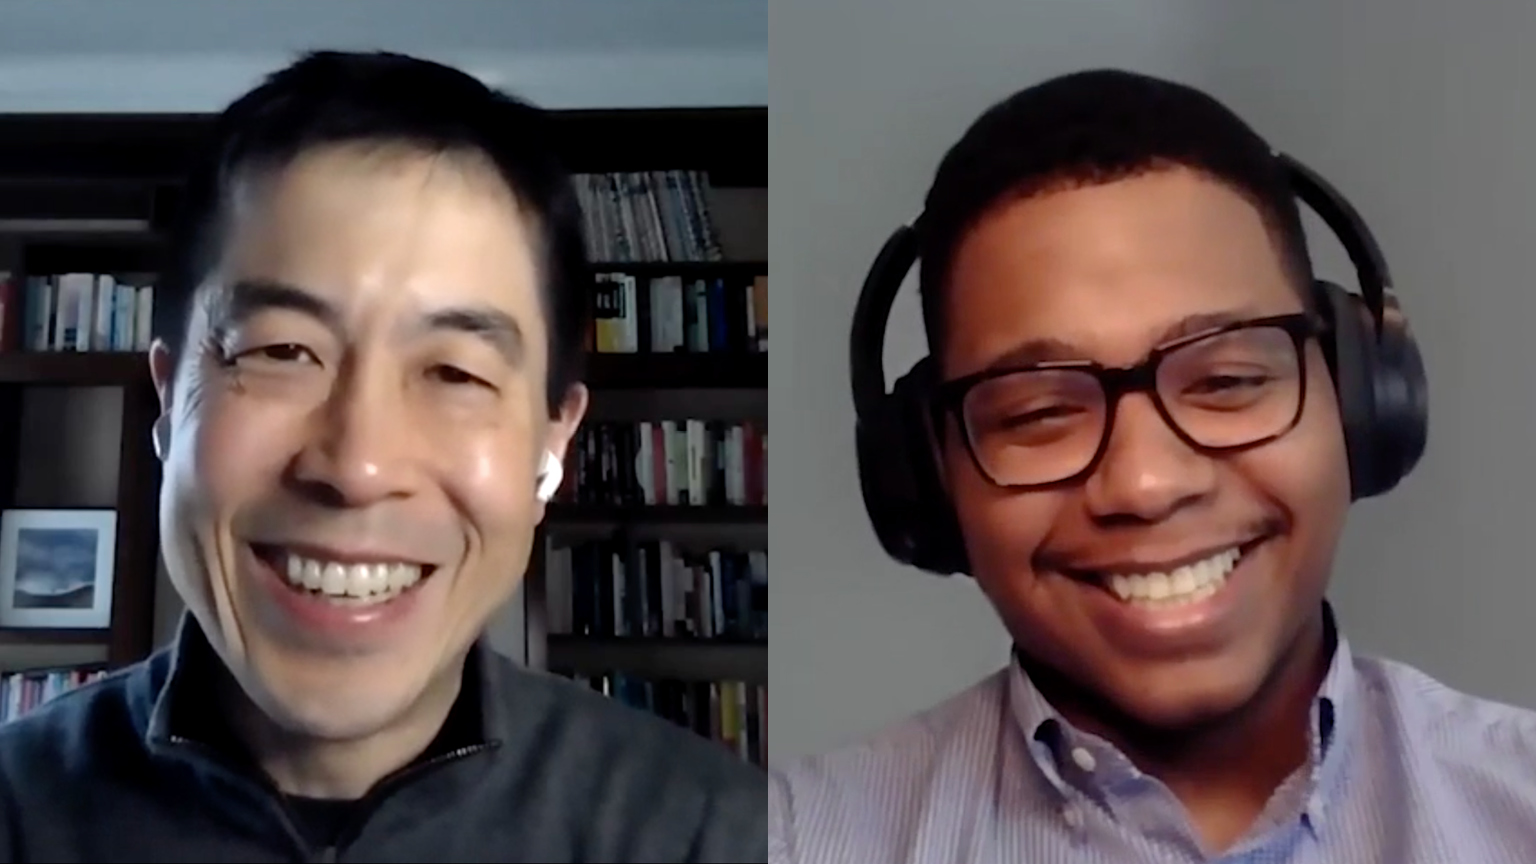 a-conversation-between-michael-chui-and-jp-julien